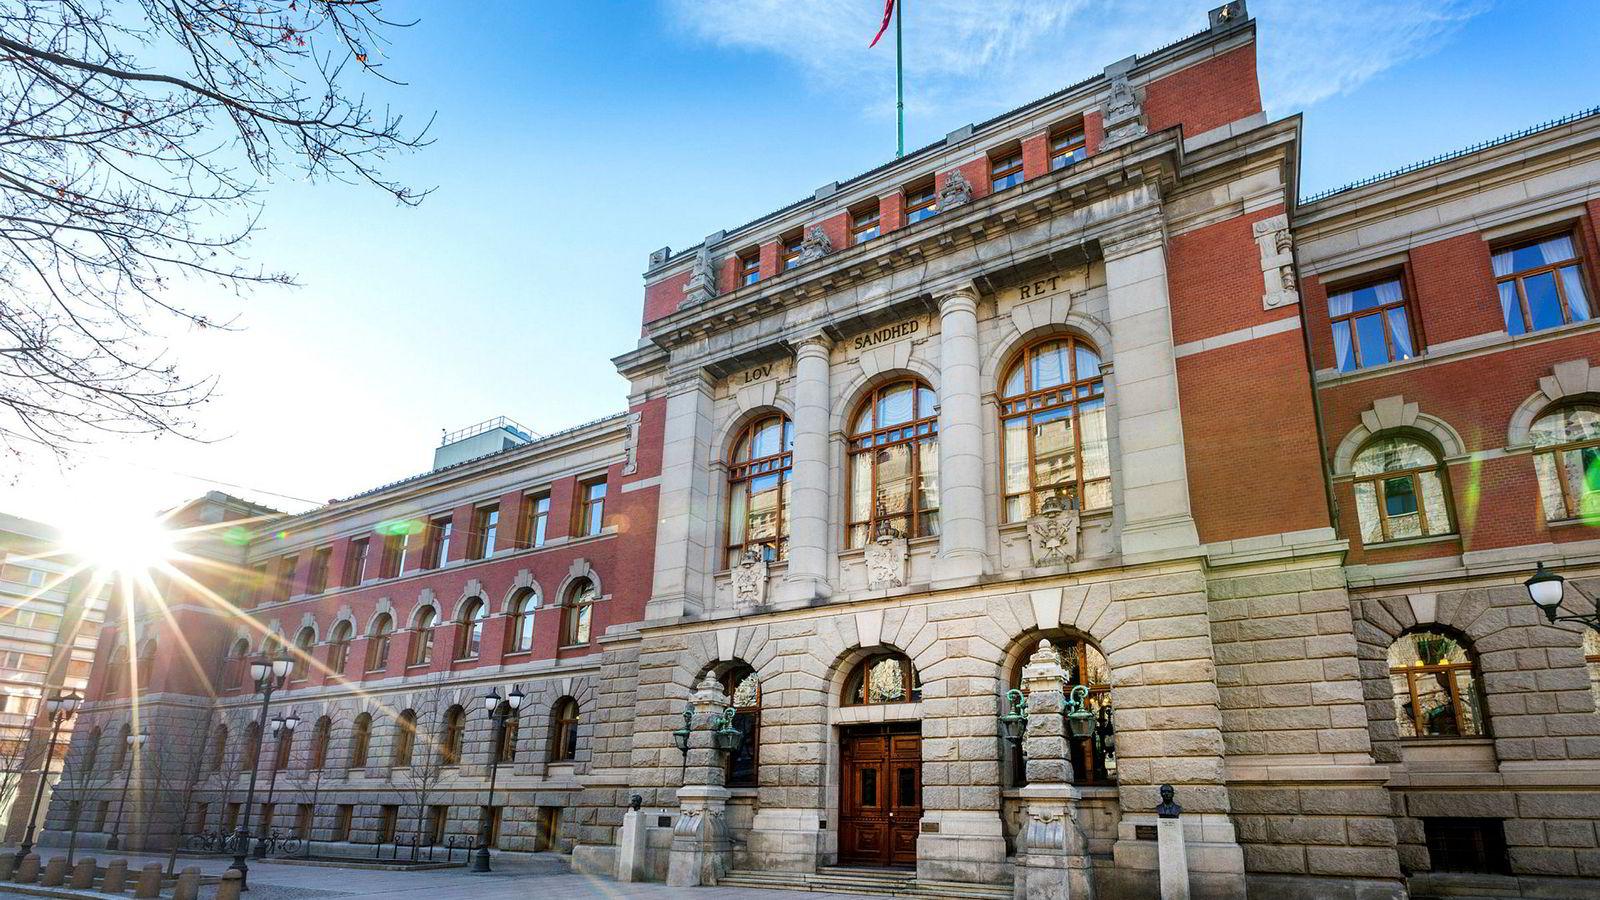 Rettstilstanden Høyesterett nå har stadfestet er velbegrunnet i lys av samfunnsutviklingen, hvor arbeidstagergruppen i større grad er sammensatt av ansatte med ulik utdannelse og bakgrunn, skriver artikkelforfatterne. Her fra Høyesteretts hus i Oslo.